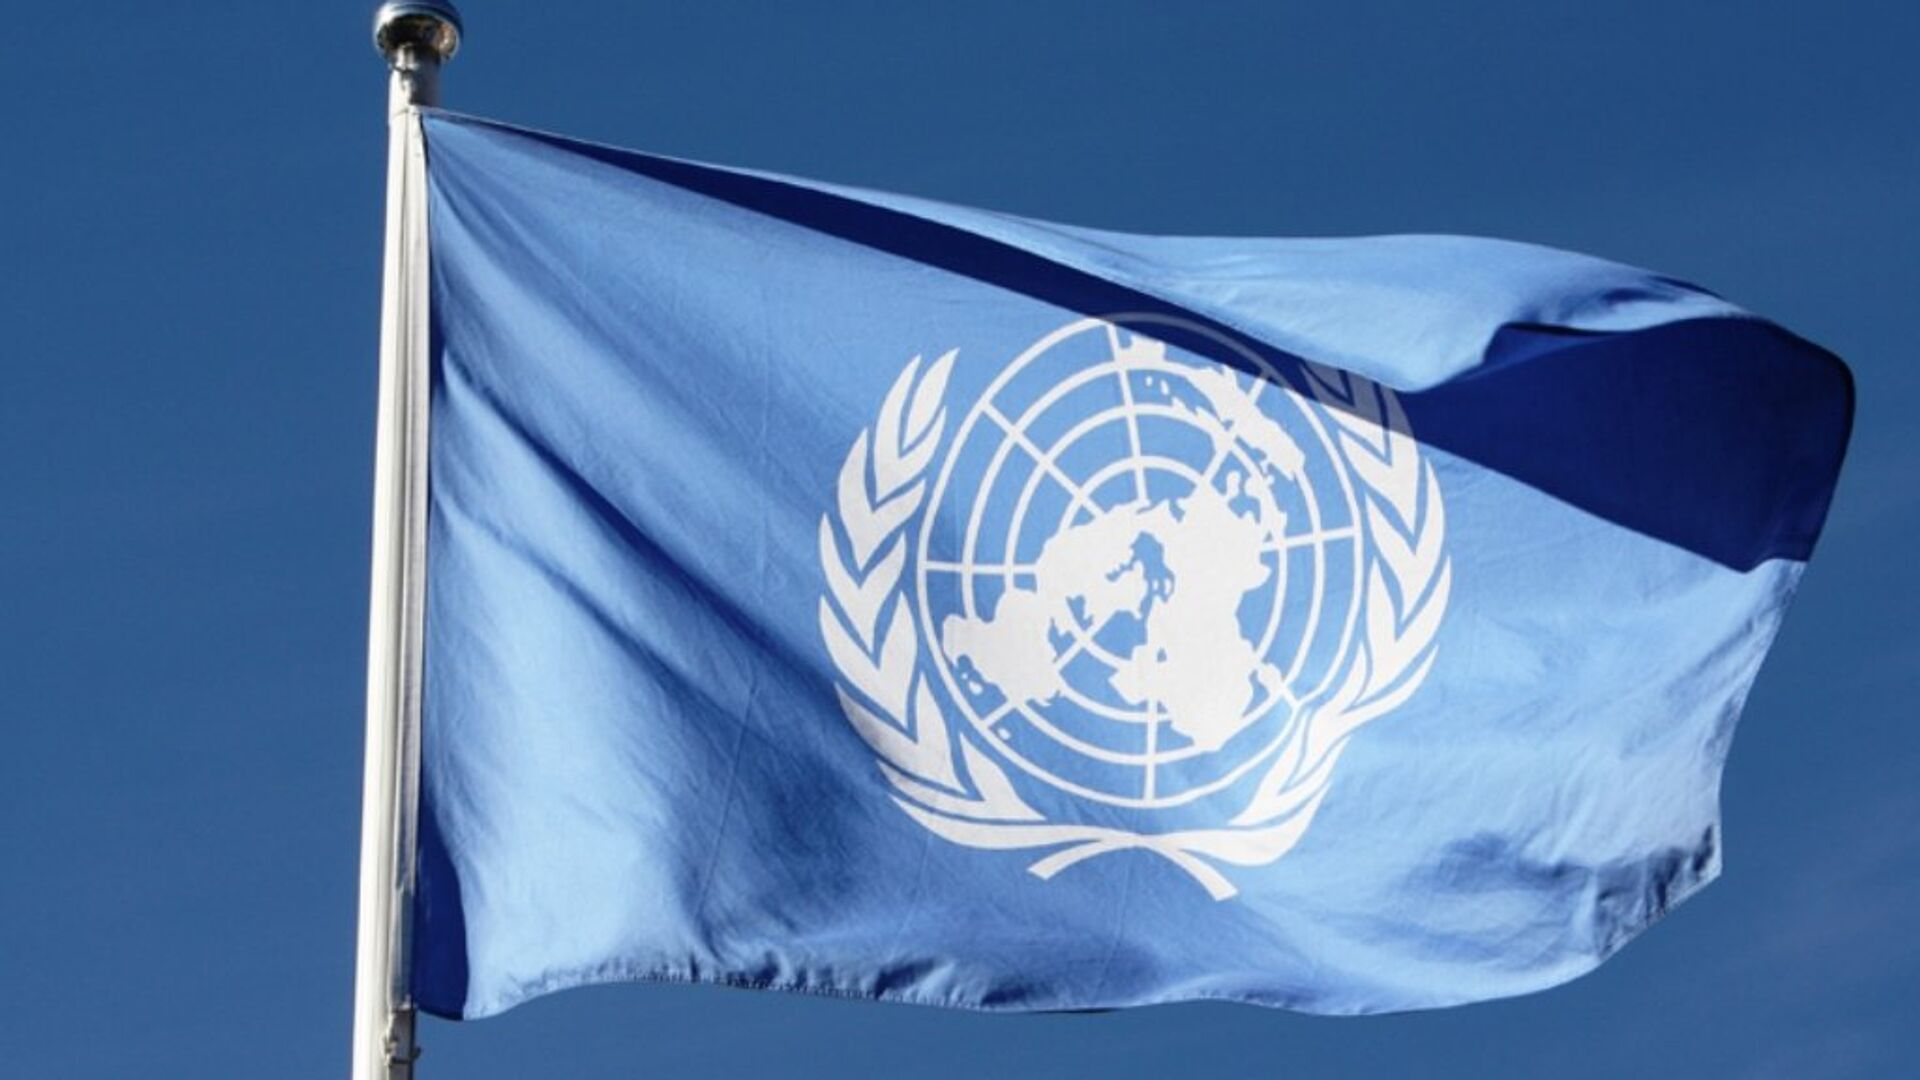 Birleşmiş Milletler bayrağı - Sputnik Türkiye, 1920, 16.09.2021